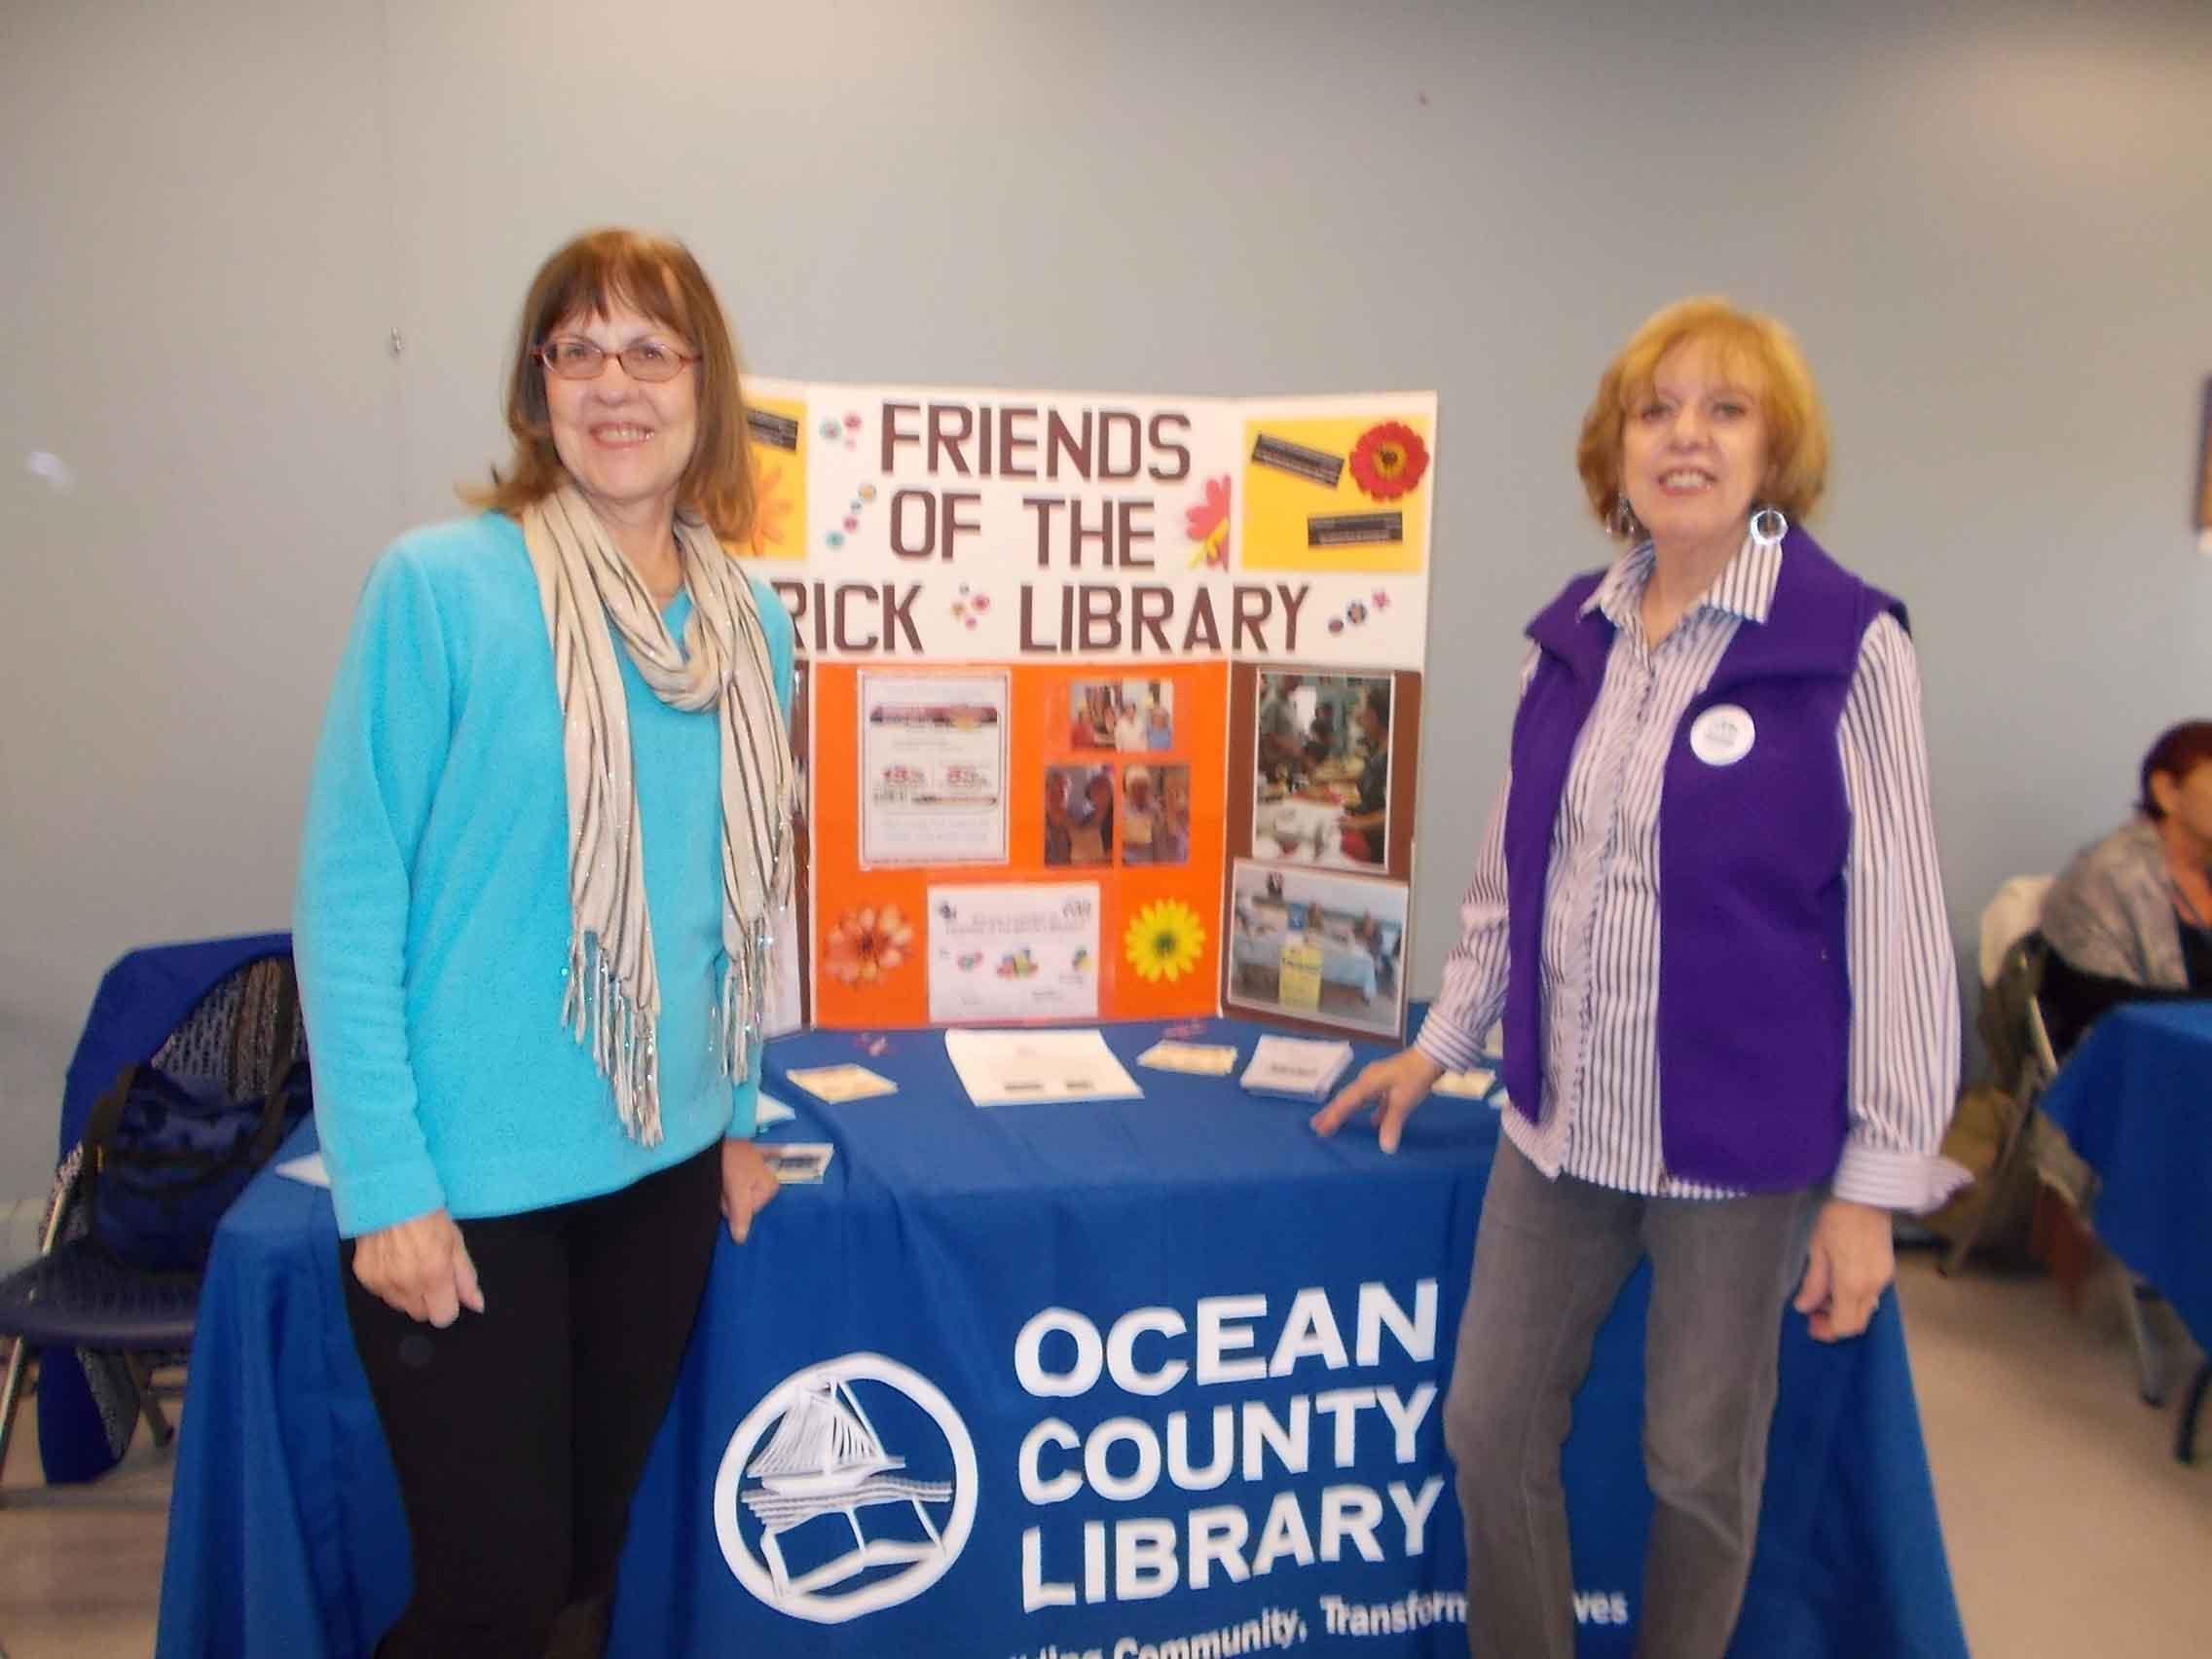 Brick Branch Ocean County Library